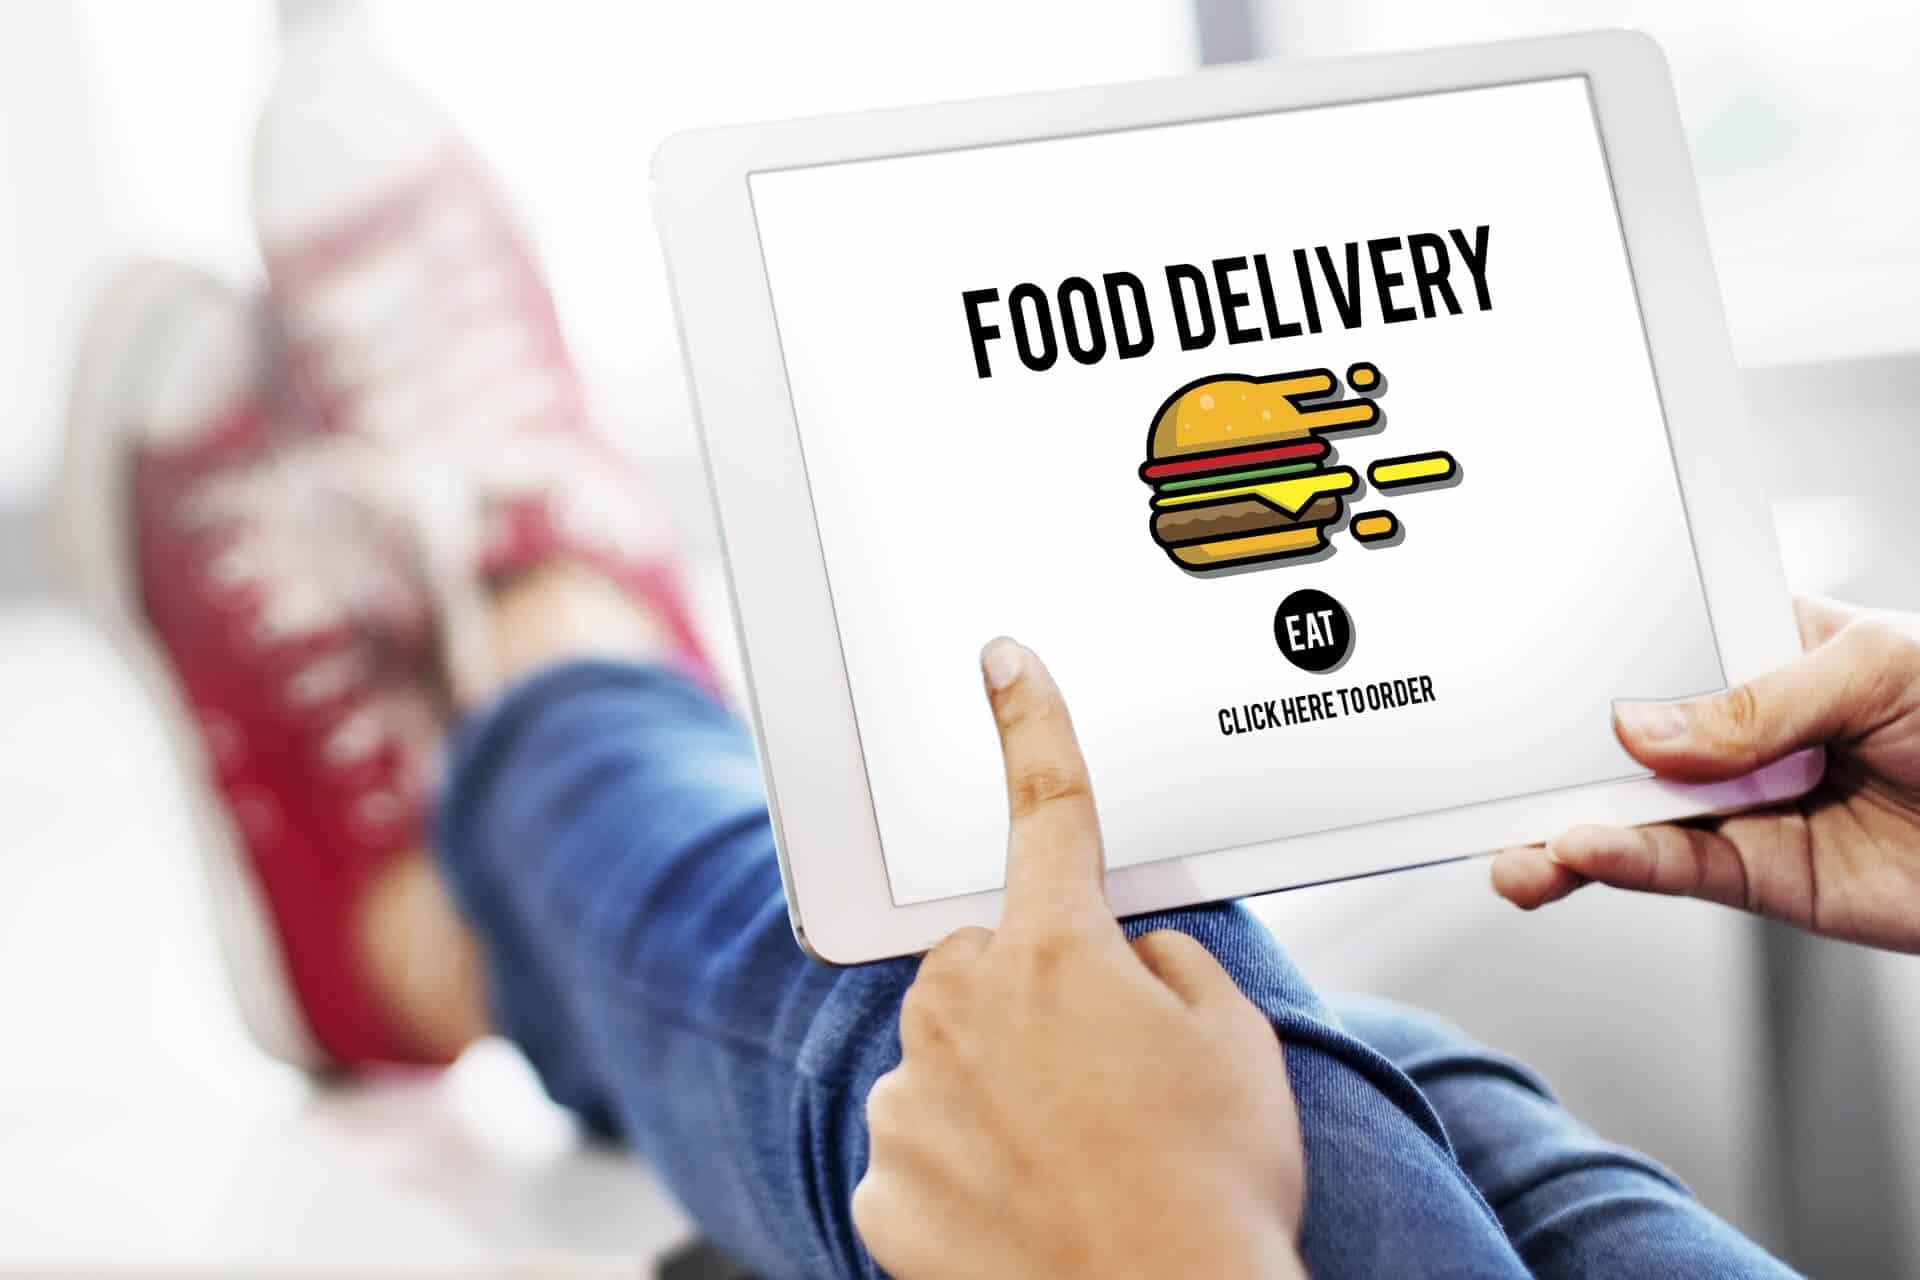 Food-Delivery sotto esame da Altroconsumo ecco gli aspetti cui fare attenzione